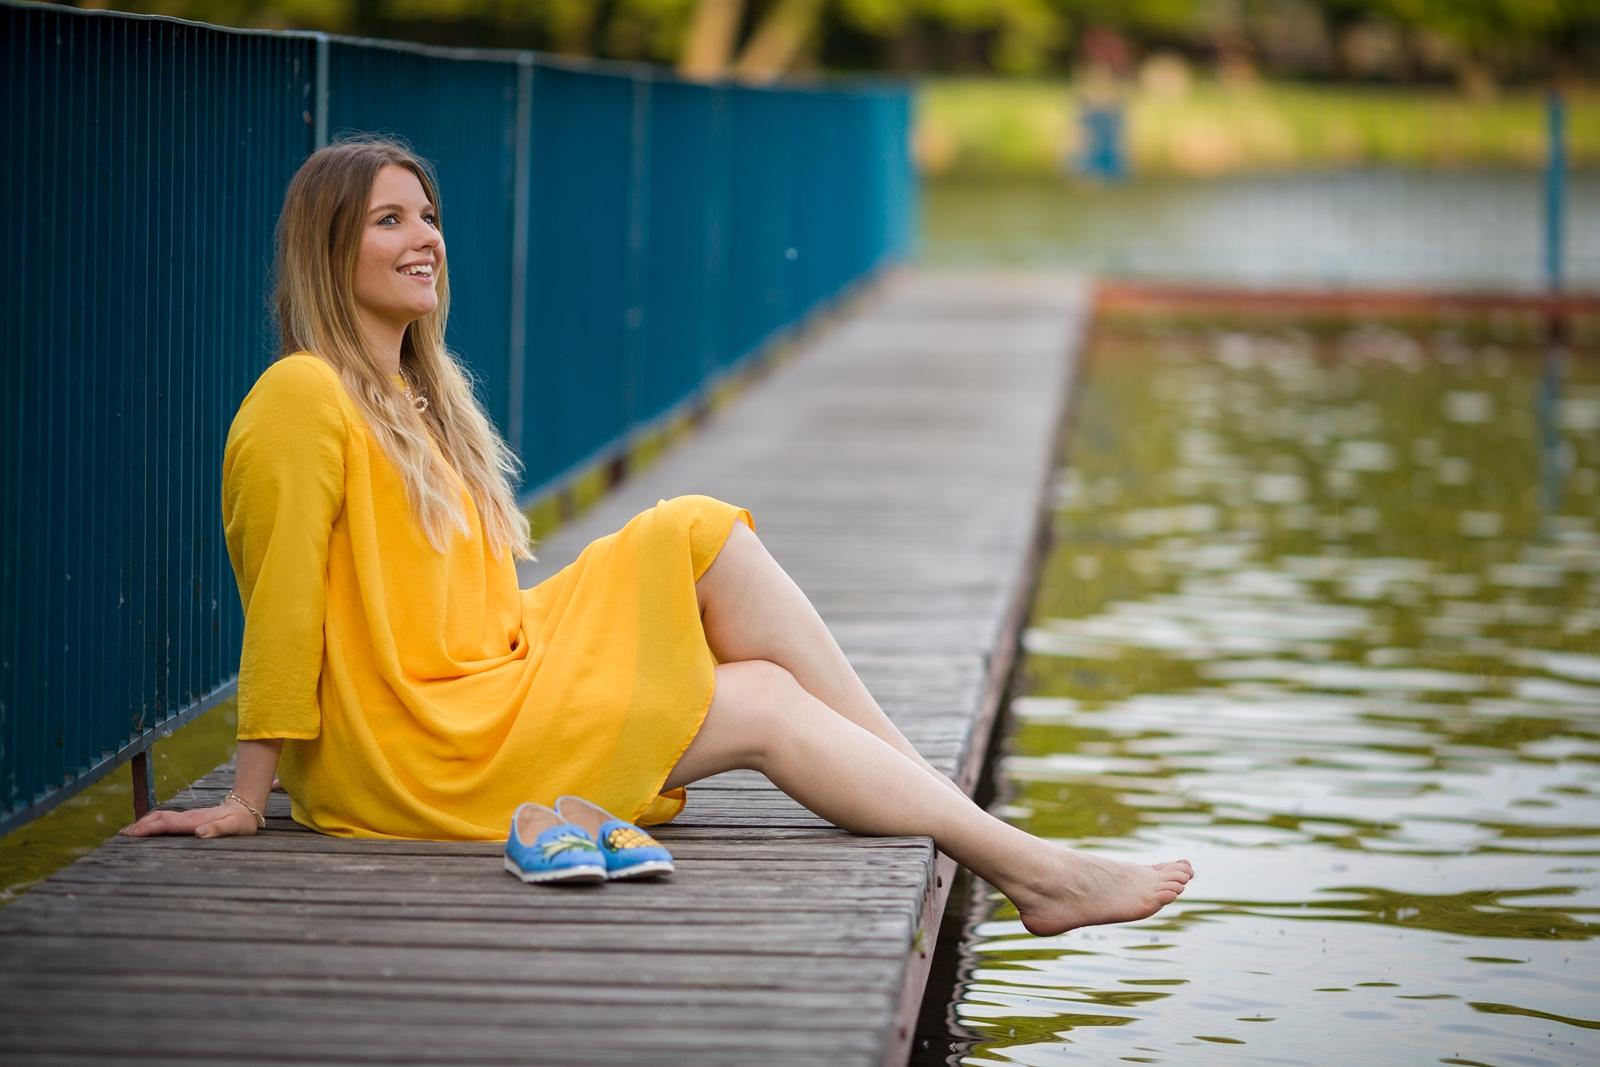 1 żółta sukienka na lato bonprix niebieskie espadryle z ananasem renee shoes reneegirls reneeshoes melodylaniella modnapolka lookbook ootd moda na lato biżuteria piotrowski swarovski